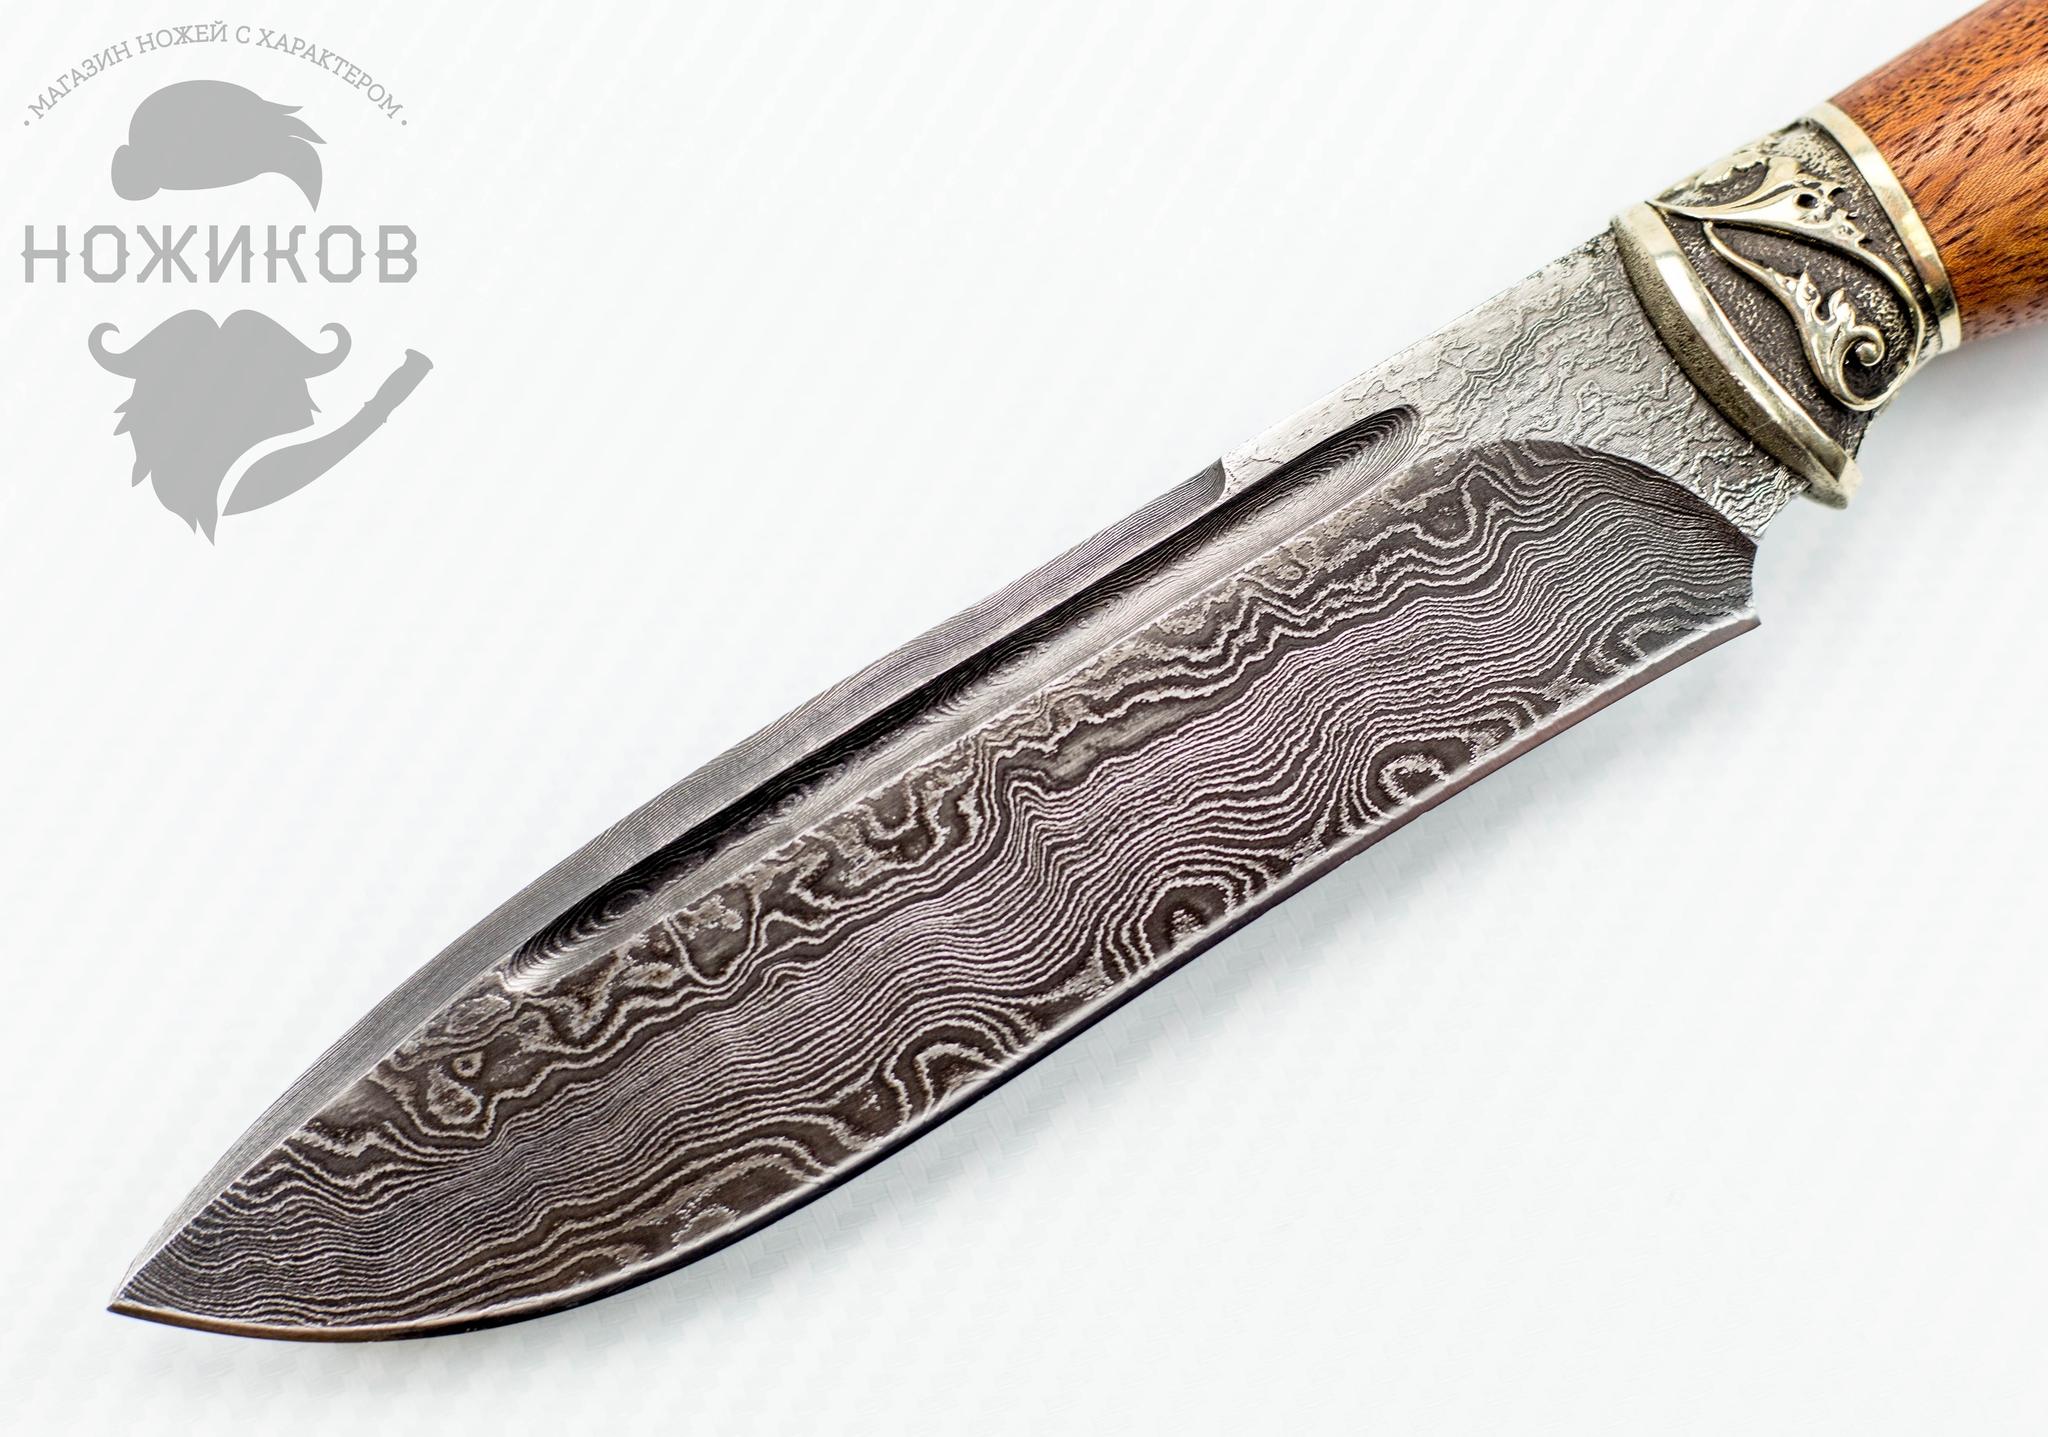 Фото 2 - Авторский Нож из Дамаска №56, Кизляр